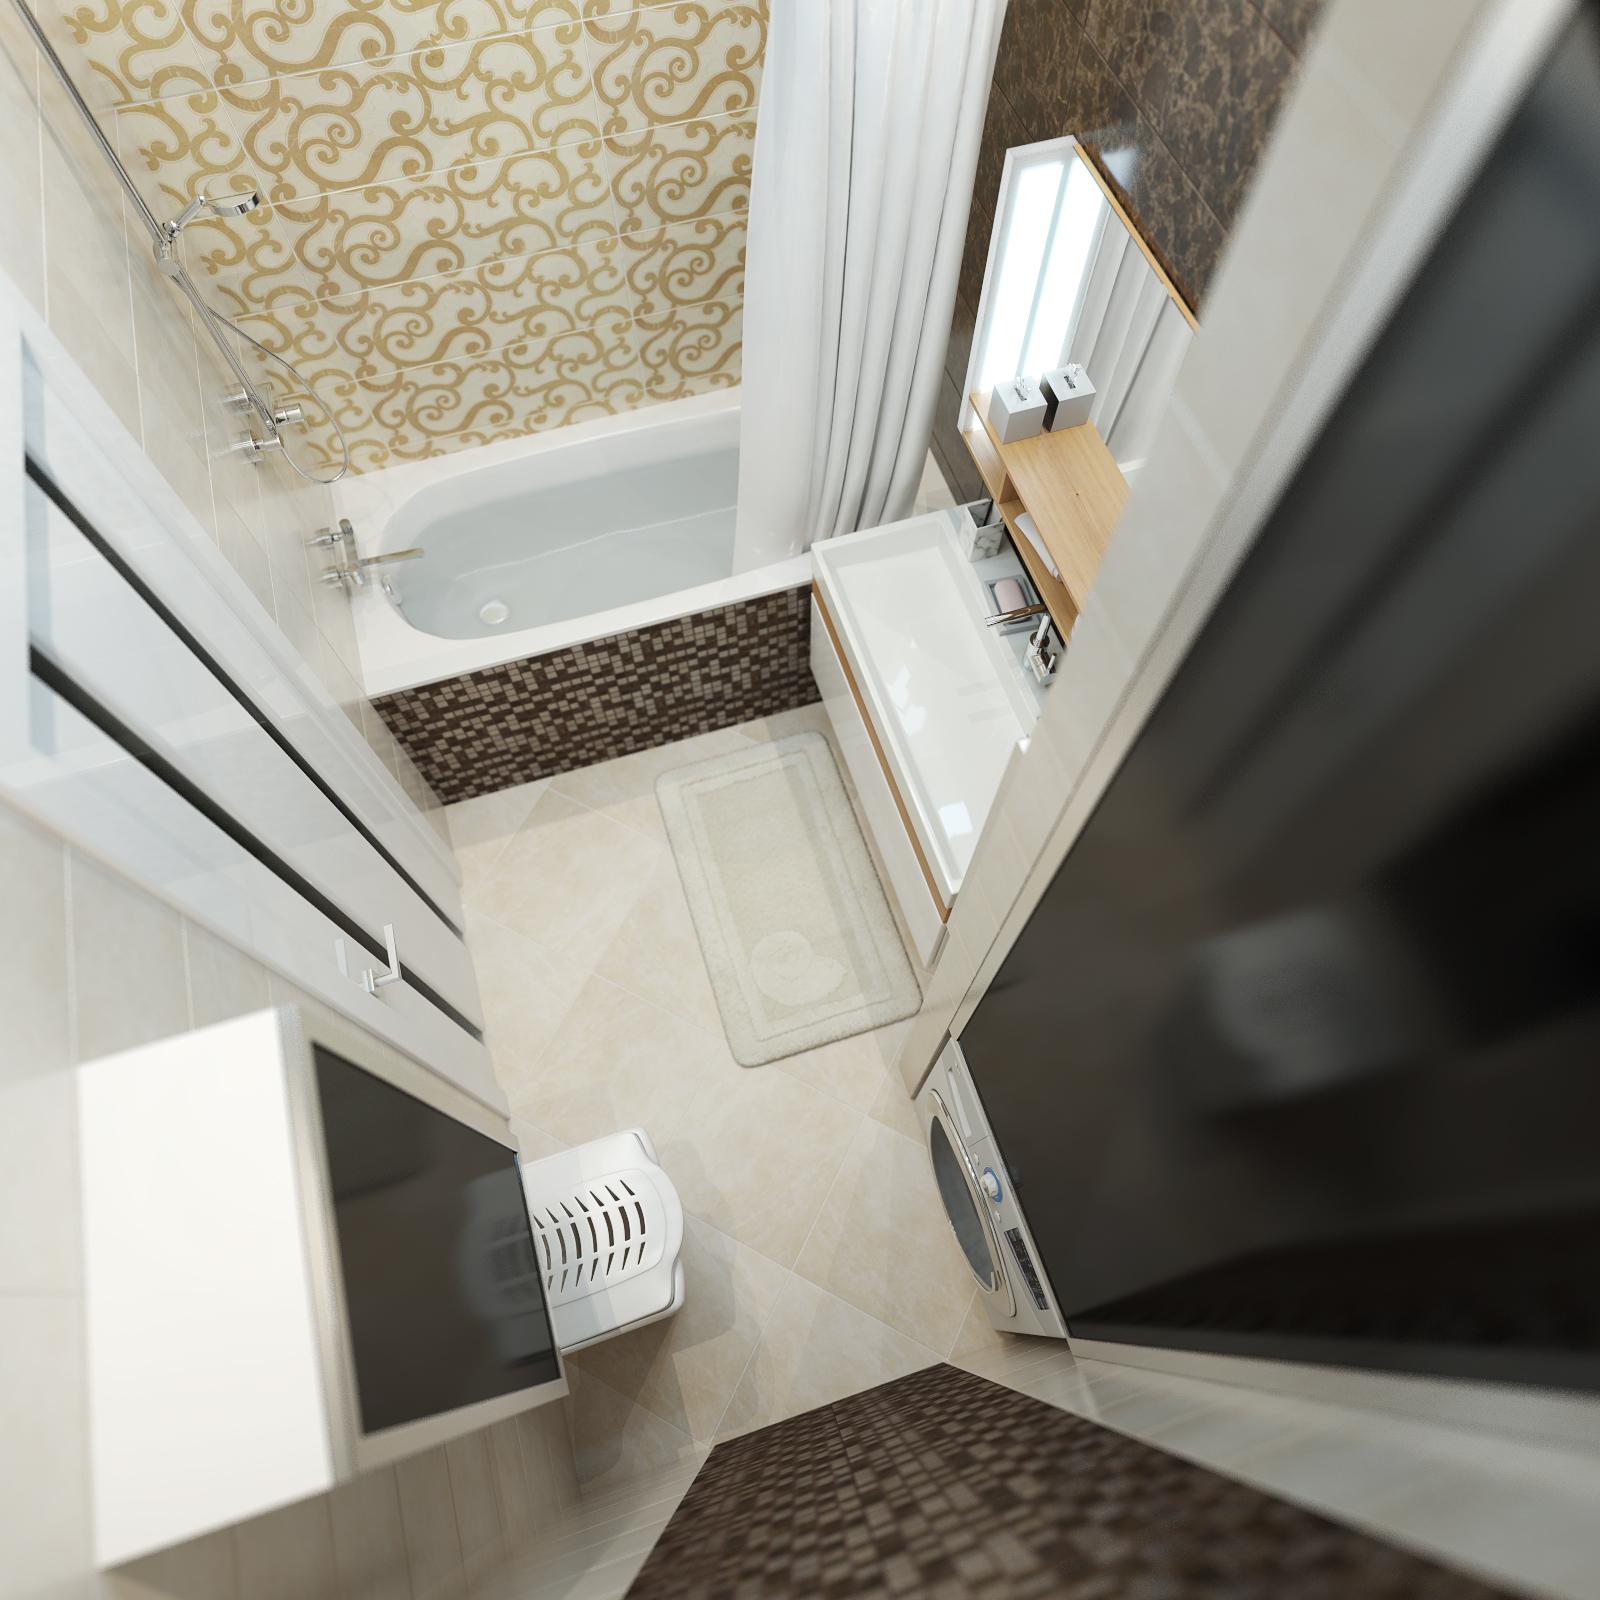 дизайн интерьера ванной нео классика (3)